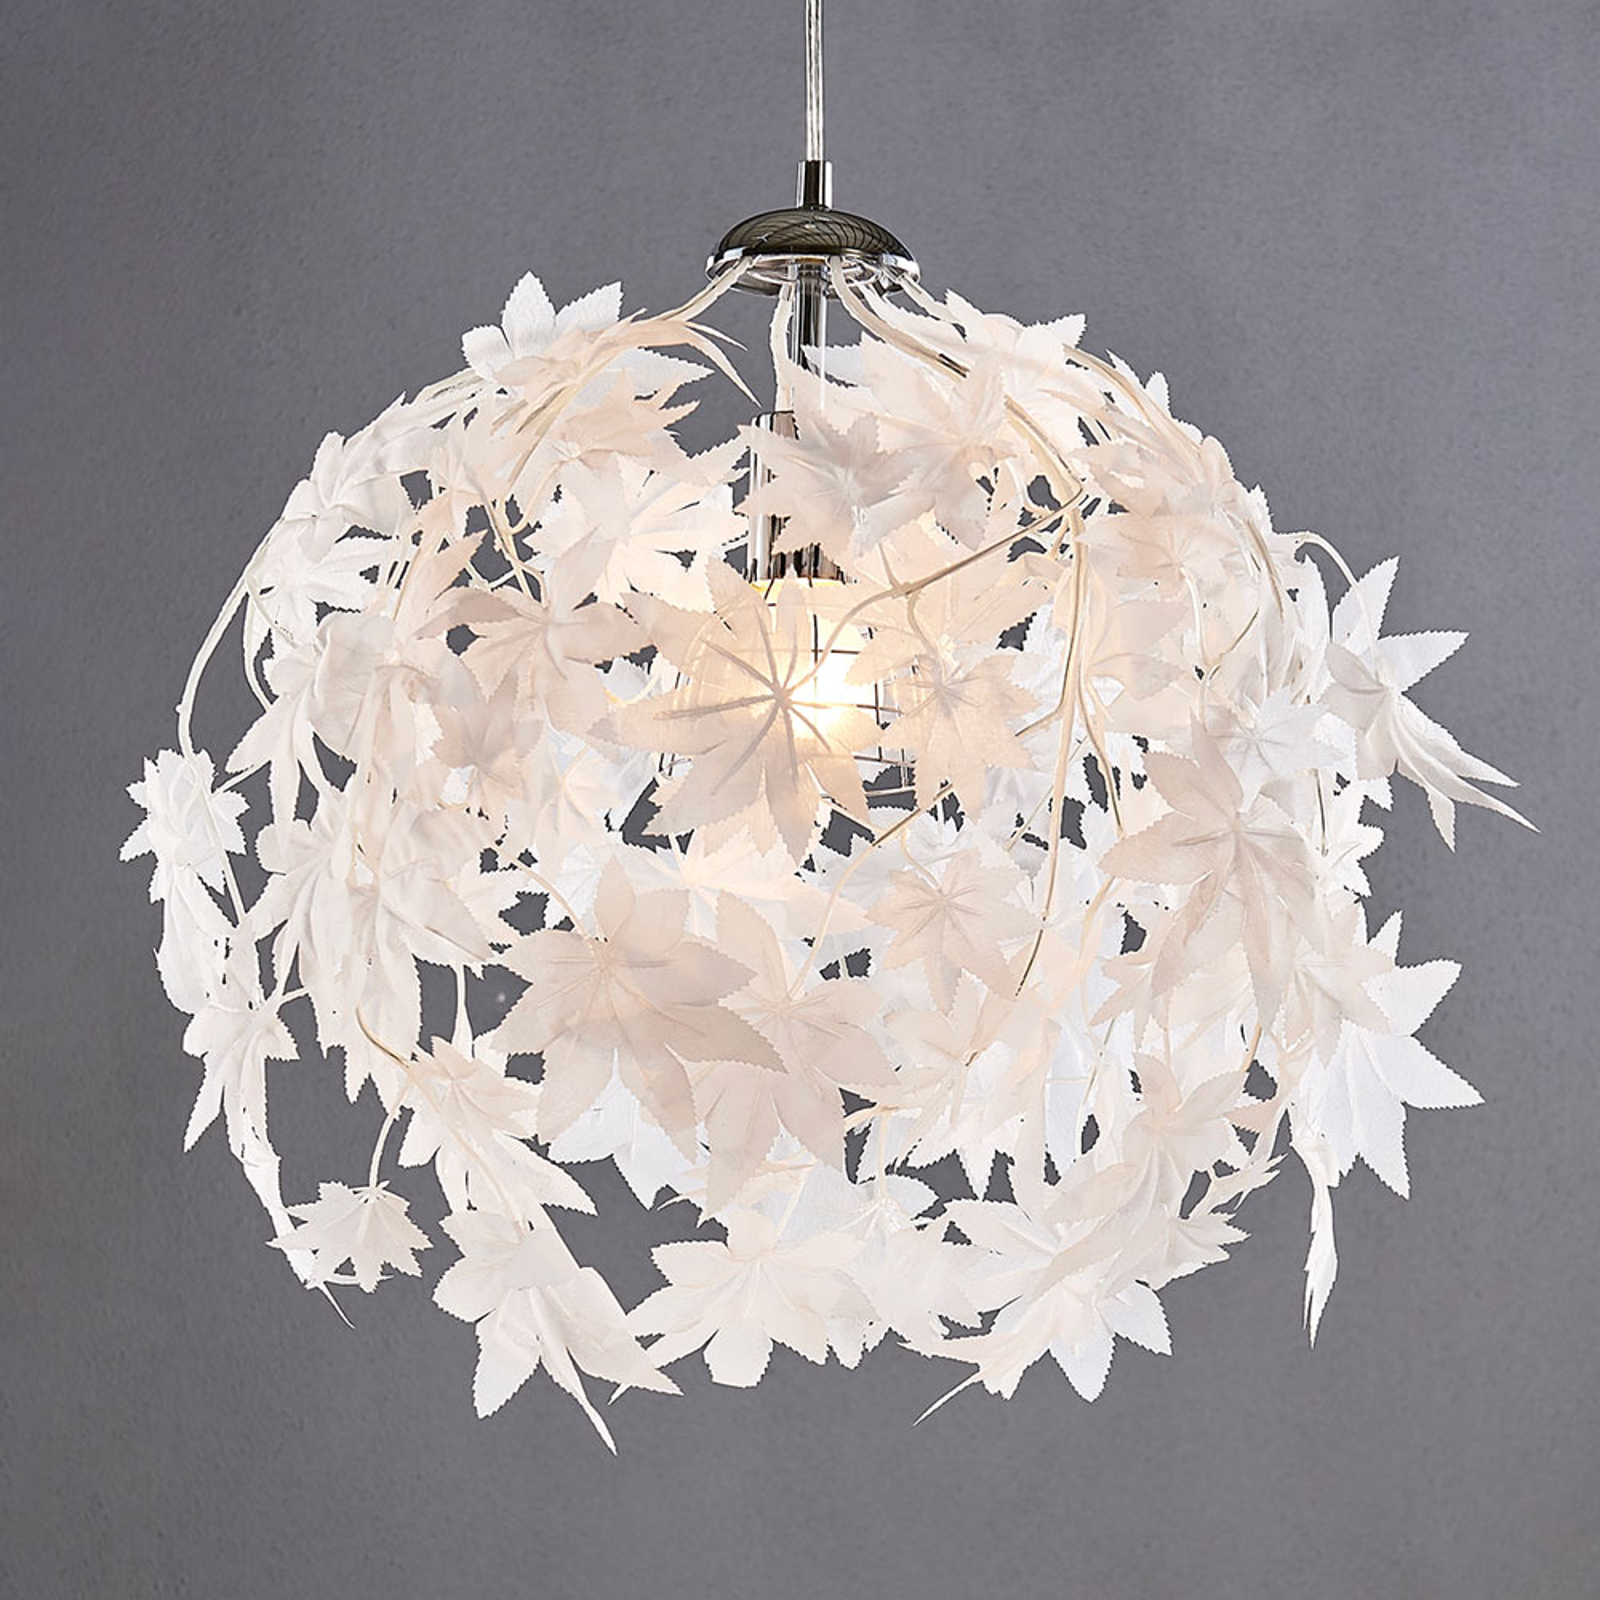 Závěsná lampa Maple ve vzhledu listí, 38 cm